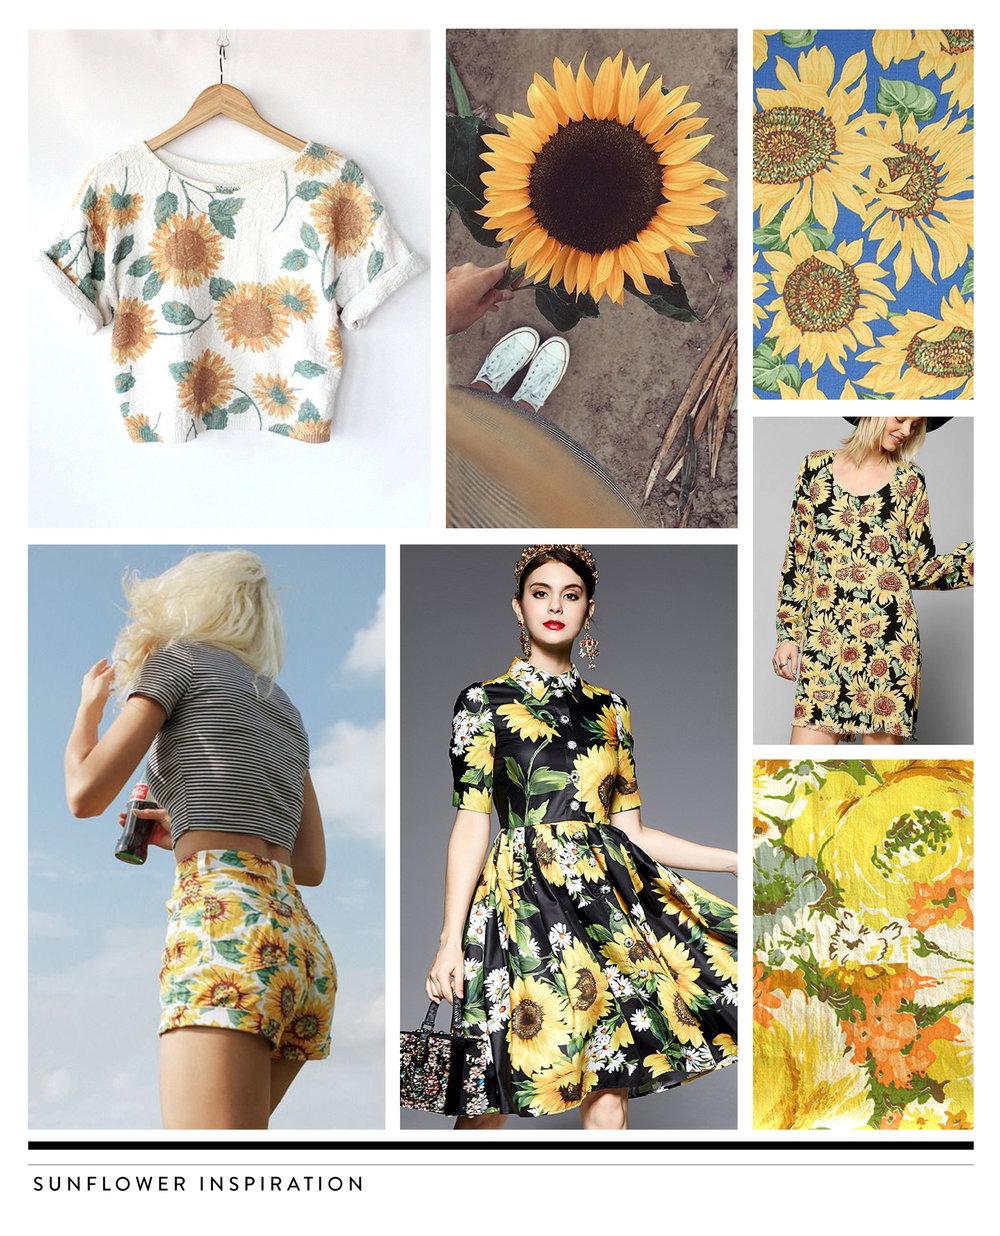 sunflower_trends.jpg